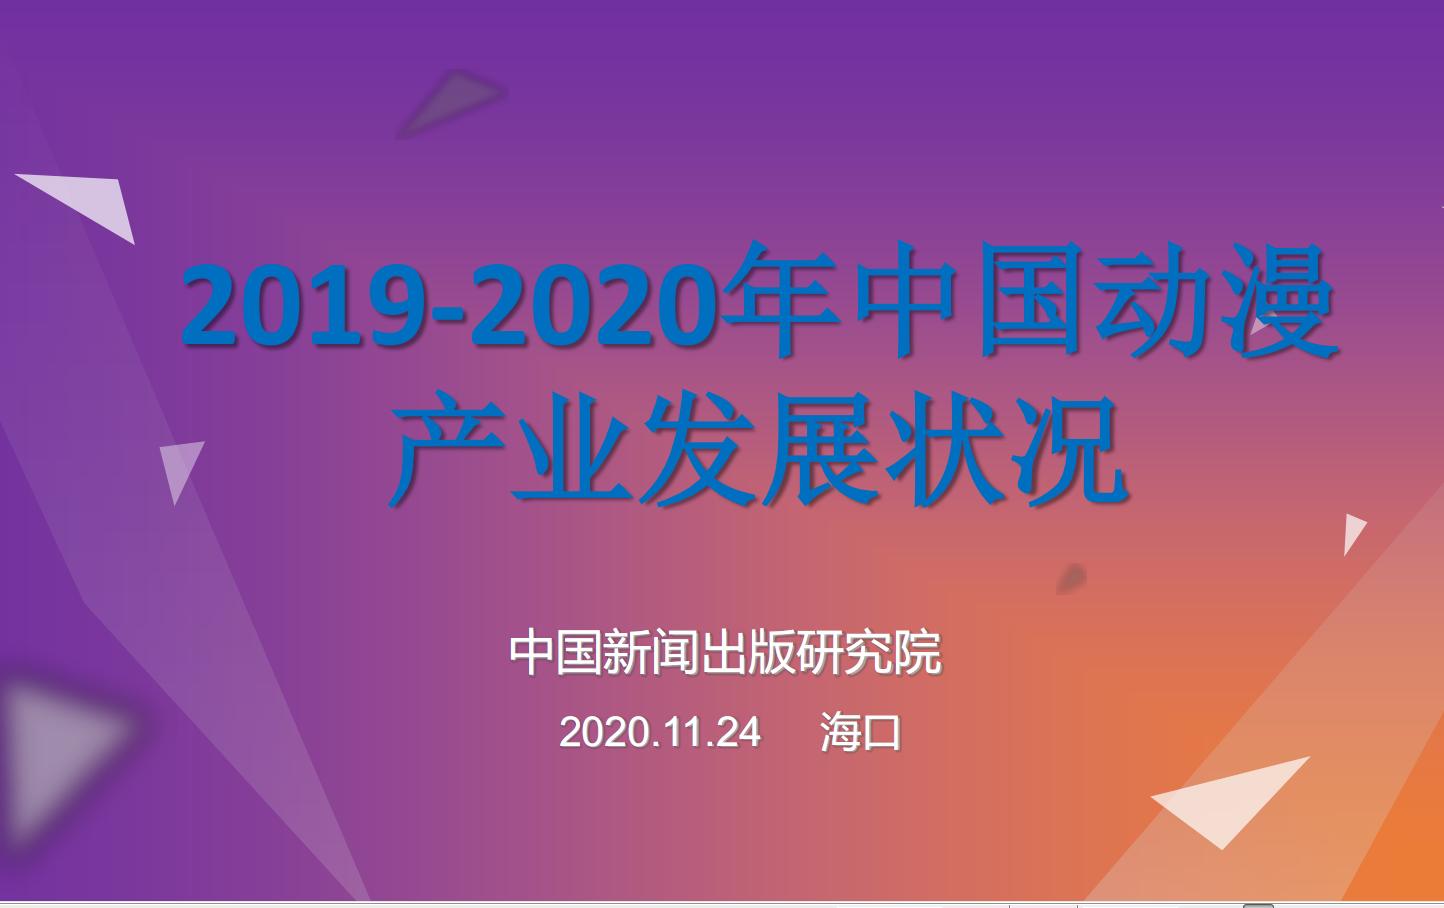 2019-2020中國動漫產業發展狀況